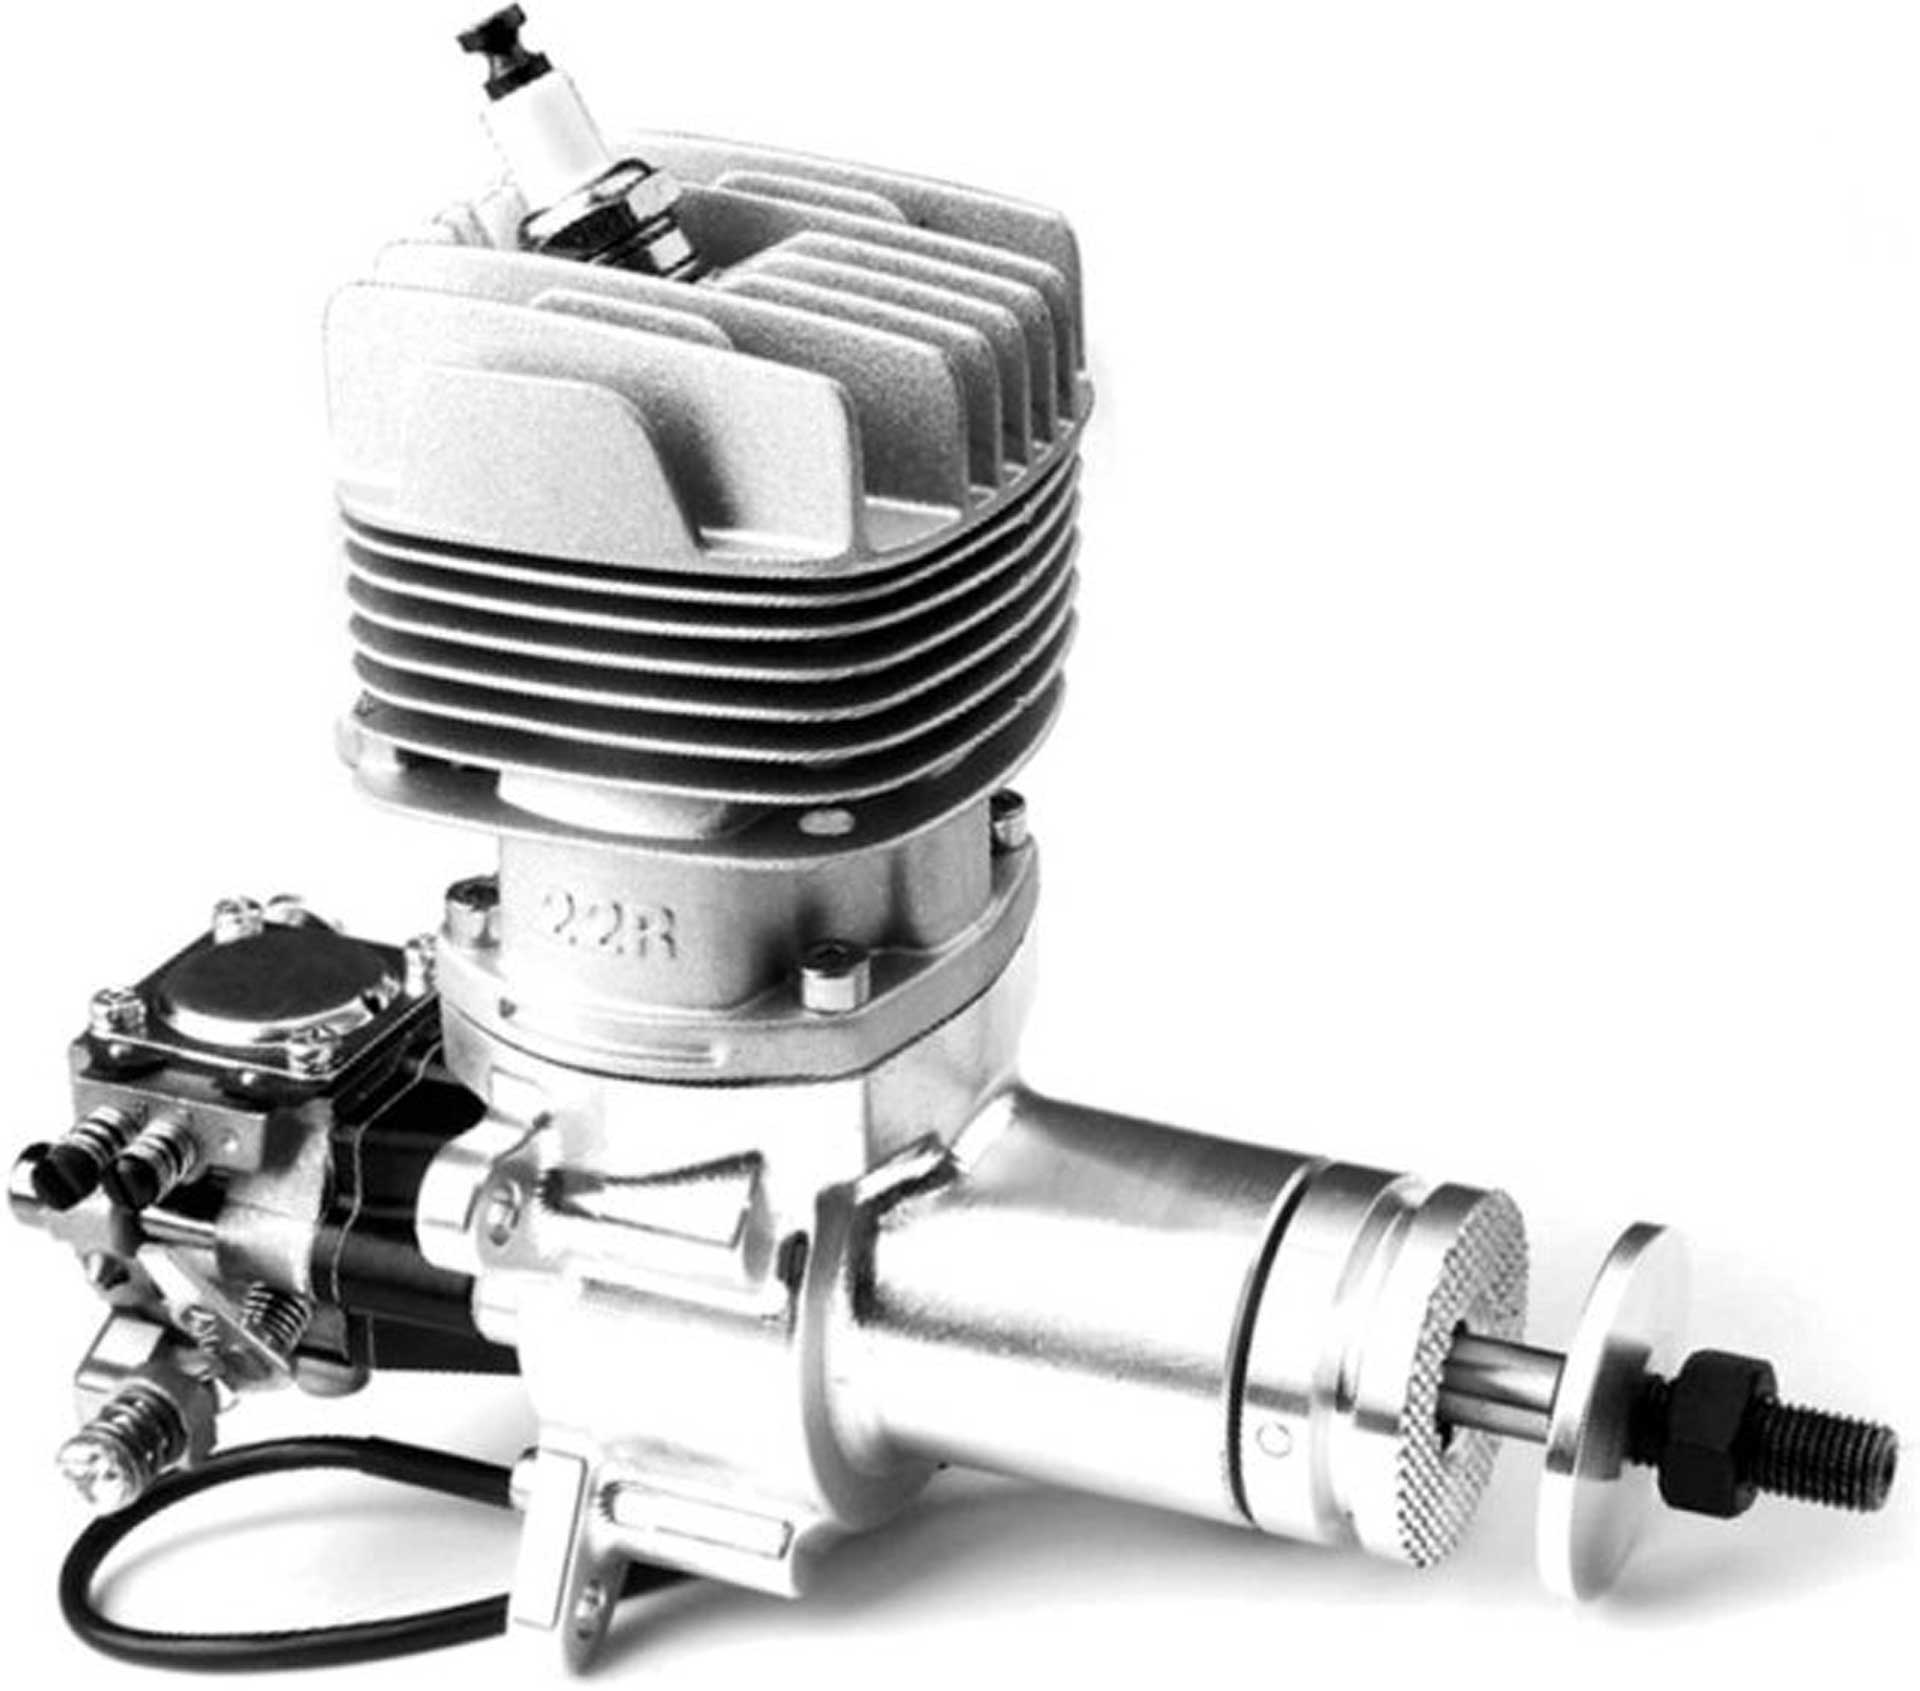 PICHLER CRRCpro GP22R Benzin Motor 22ccm inkl. Zündung und Schalldämpfer